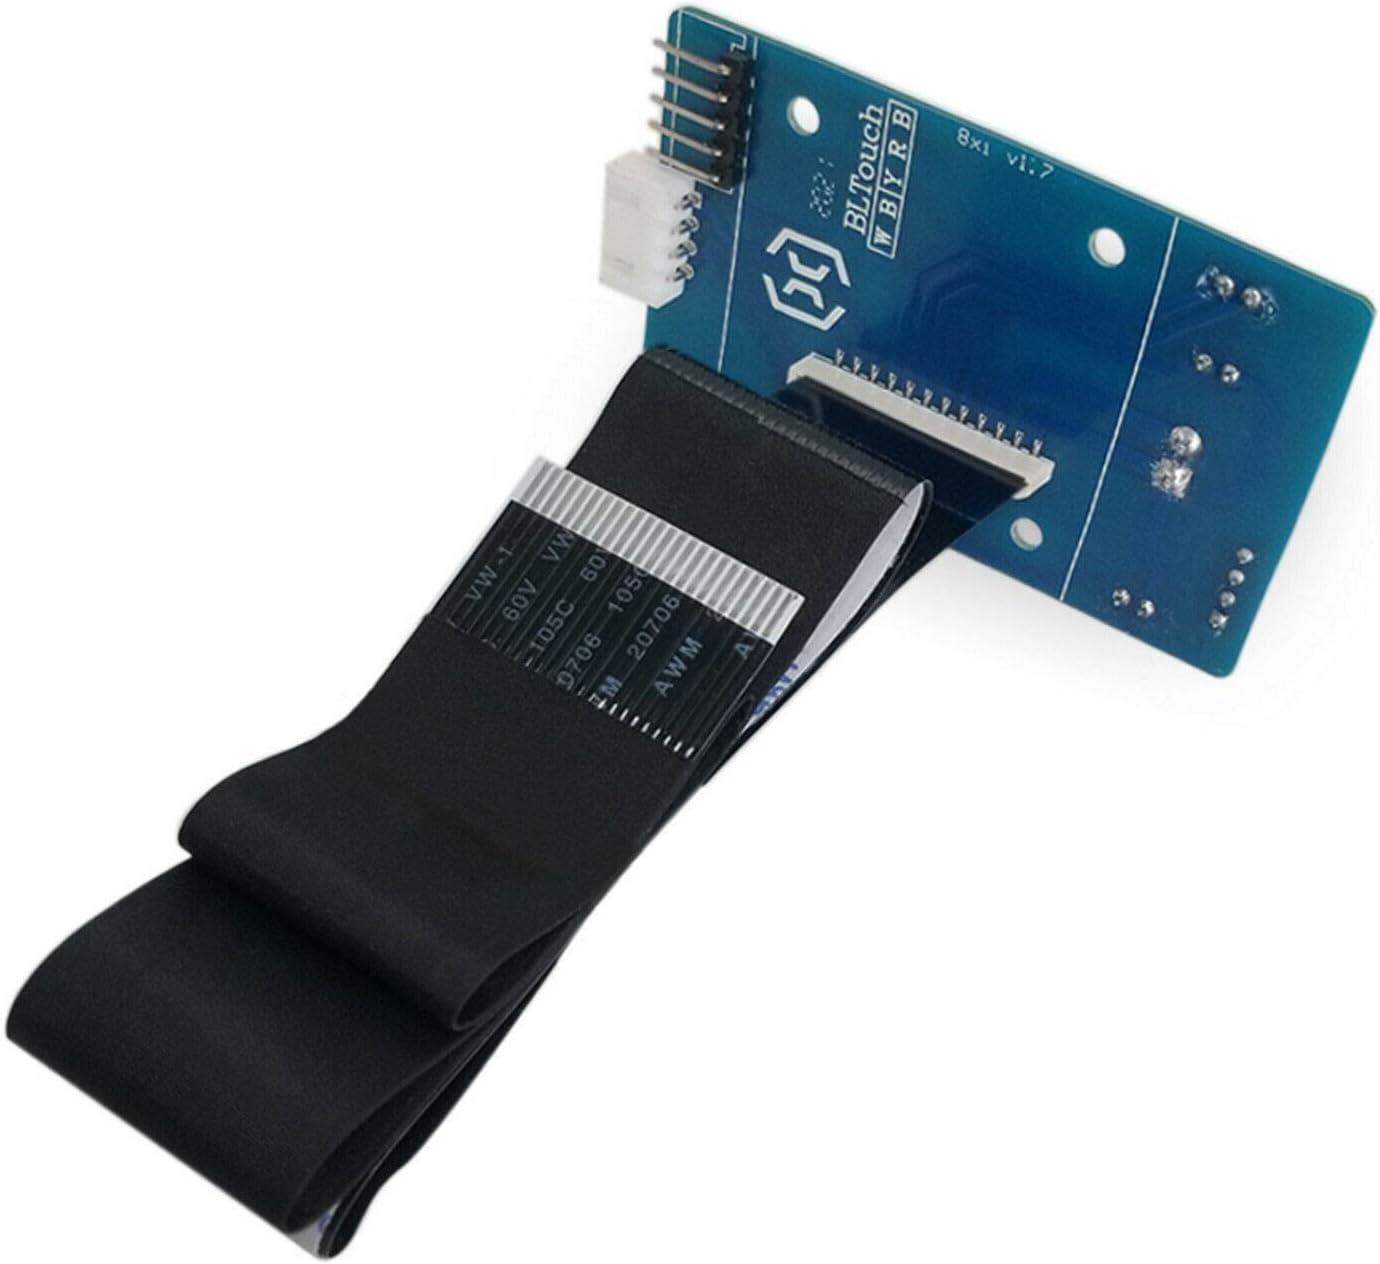 Haoge HQR-ZY120 Placa de montaje para c/ámara 120 mm, liberaci/ón r/ápida, para Zhiyun Crane 2, Crane 3 LAB, WEEBILL-S, WEEBILL LAB, estabilizador de card/án de mano